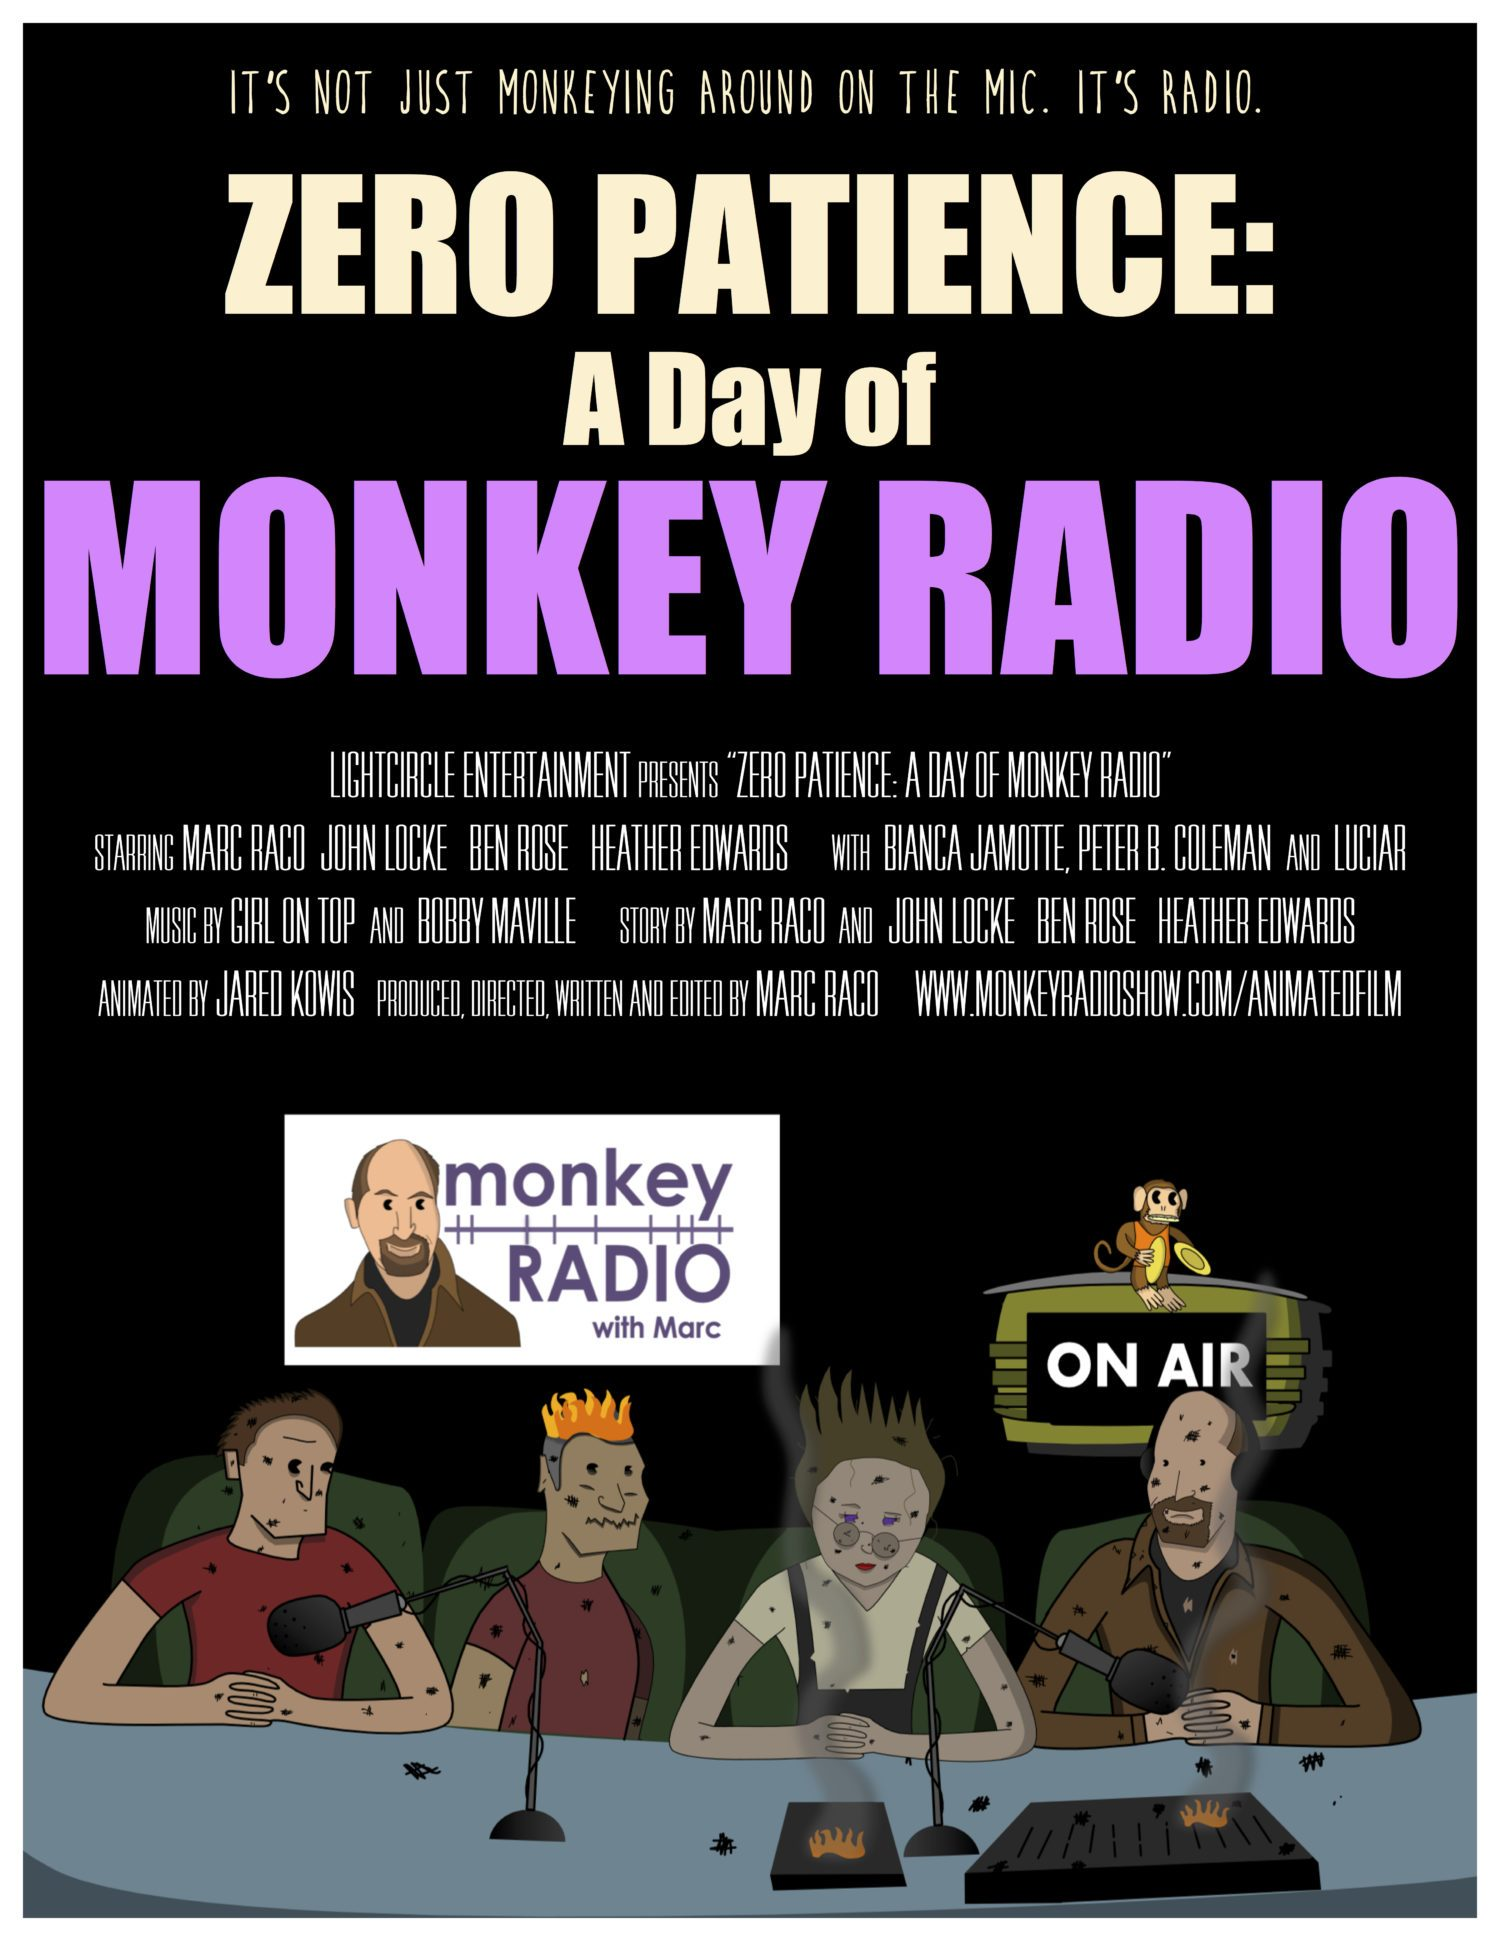 zero-patience-poster.jpg